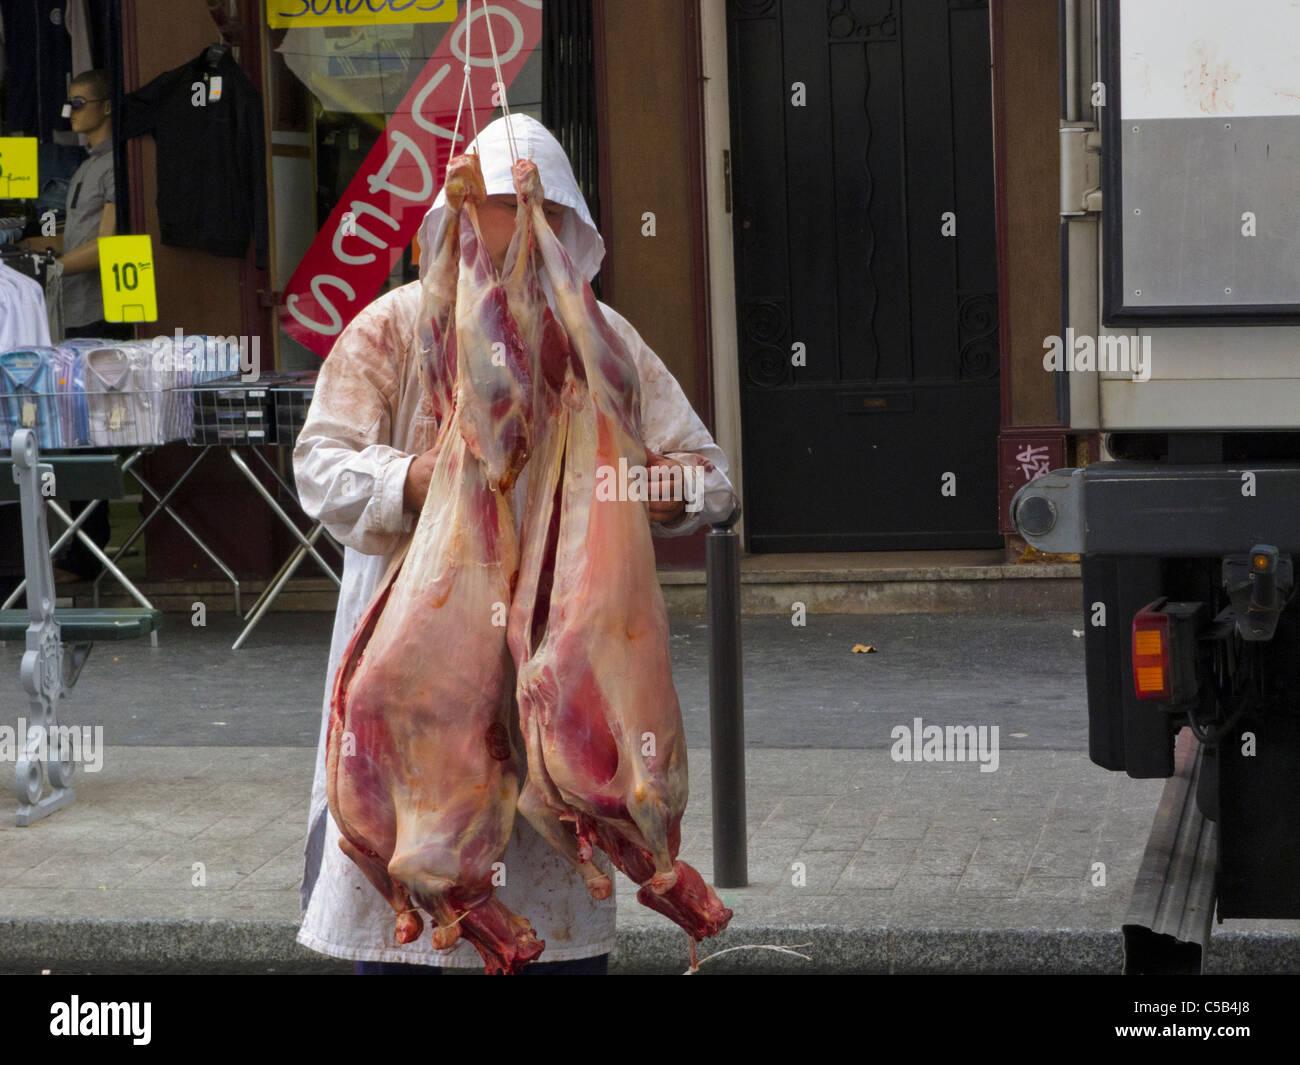 Halal Shop Stock Photos & Halal Shop Stock Images - Alamy